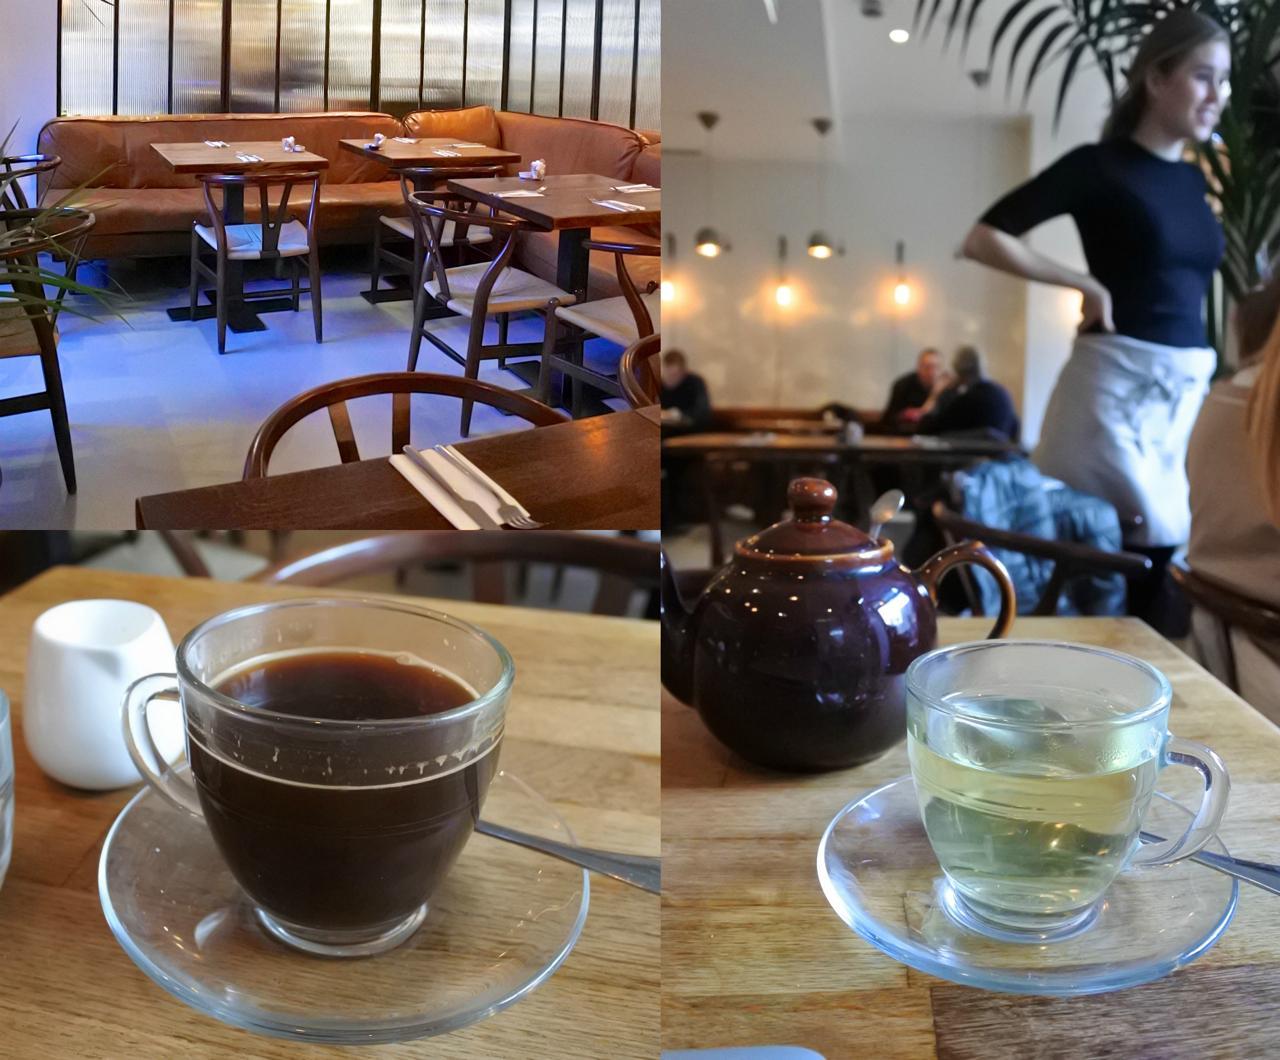 ファースト・フード店ではなく、あくまでカフェ・レストランとして使える仕様がよい